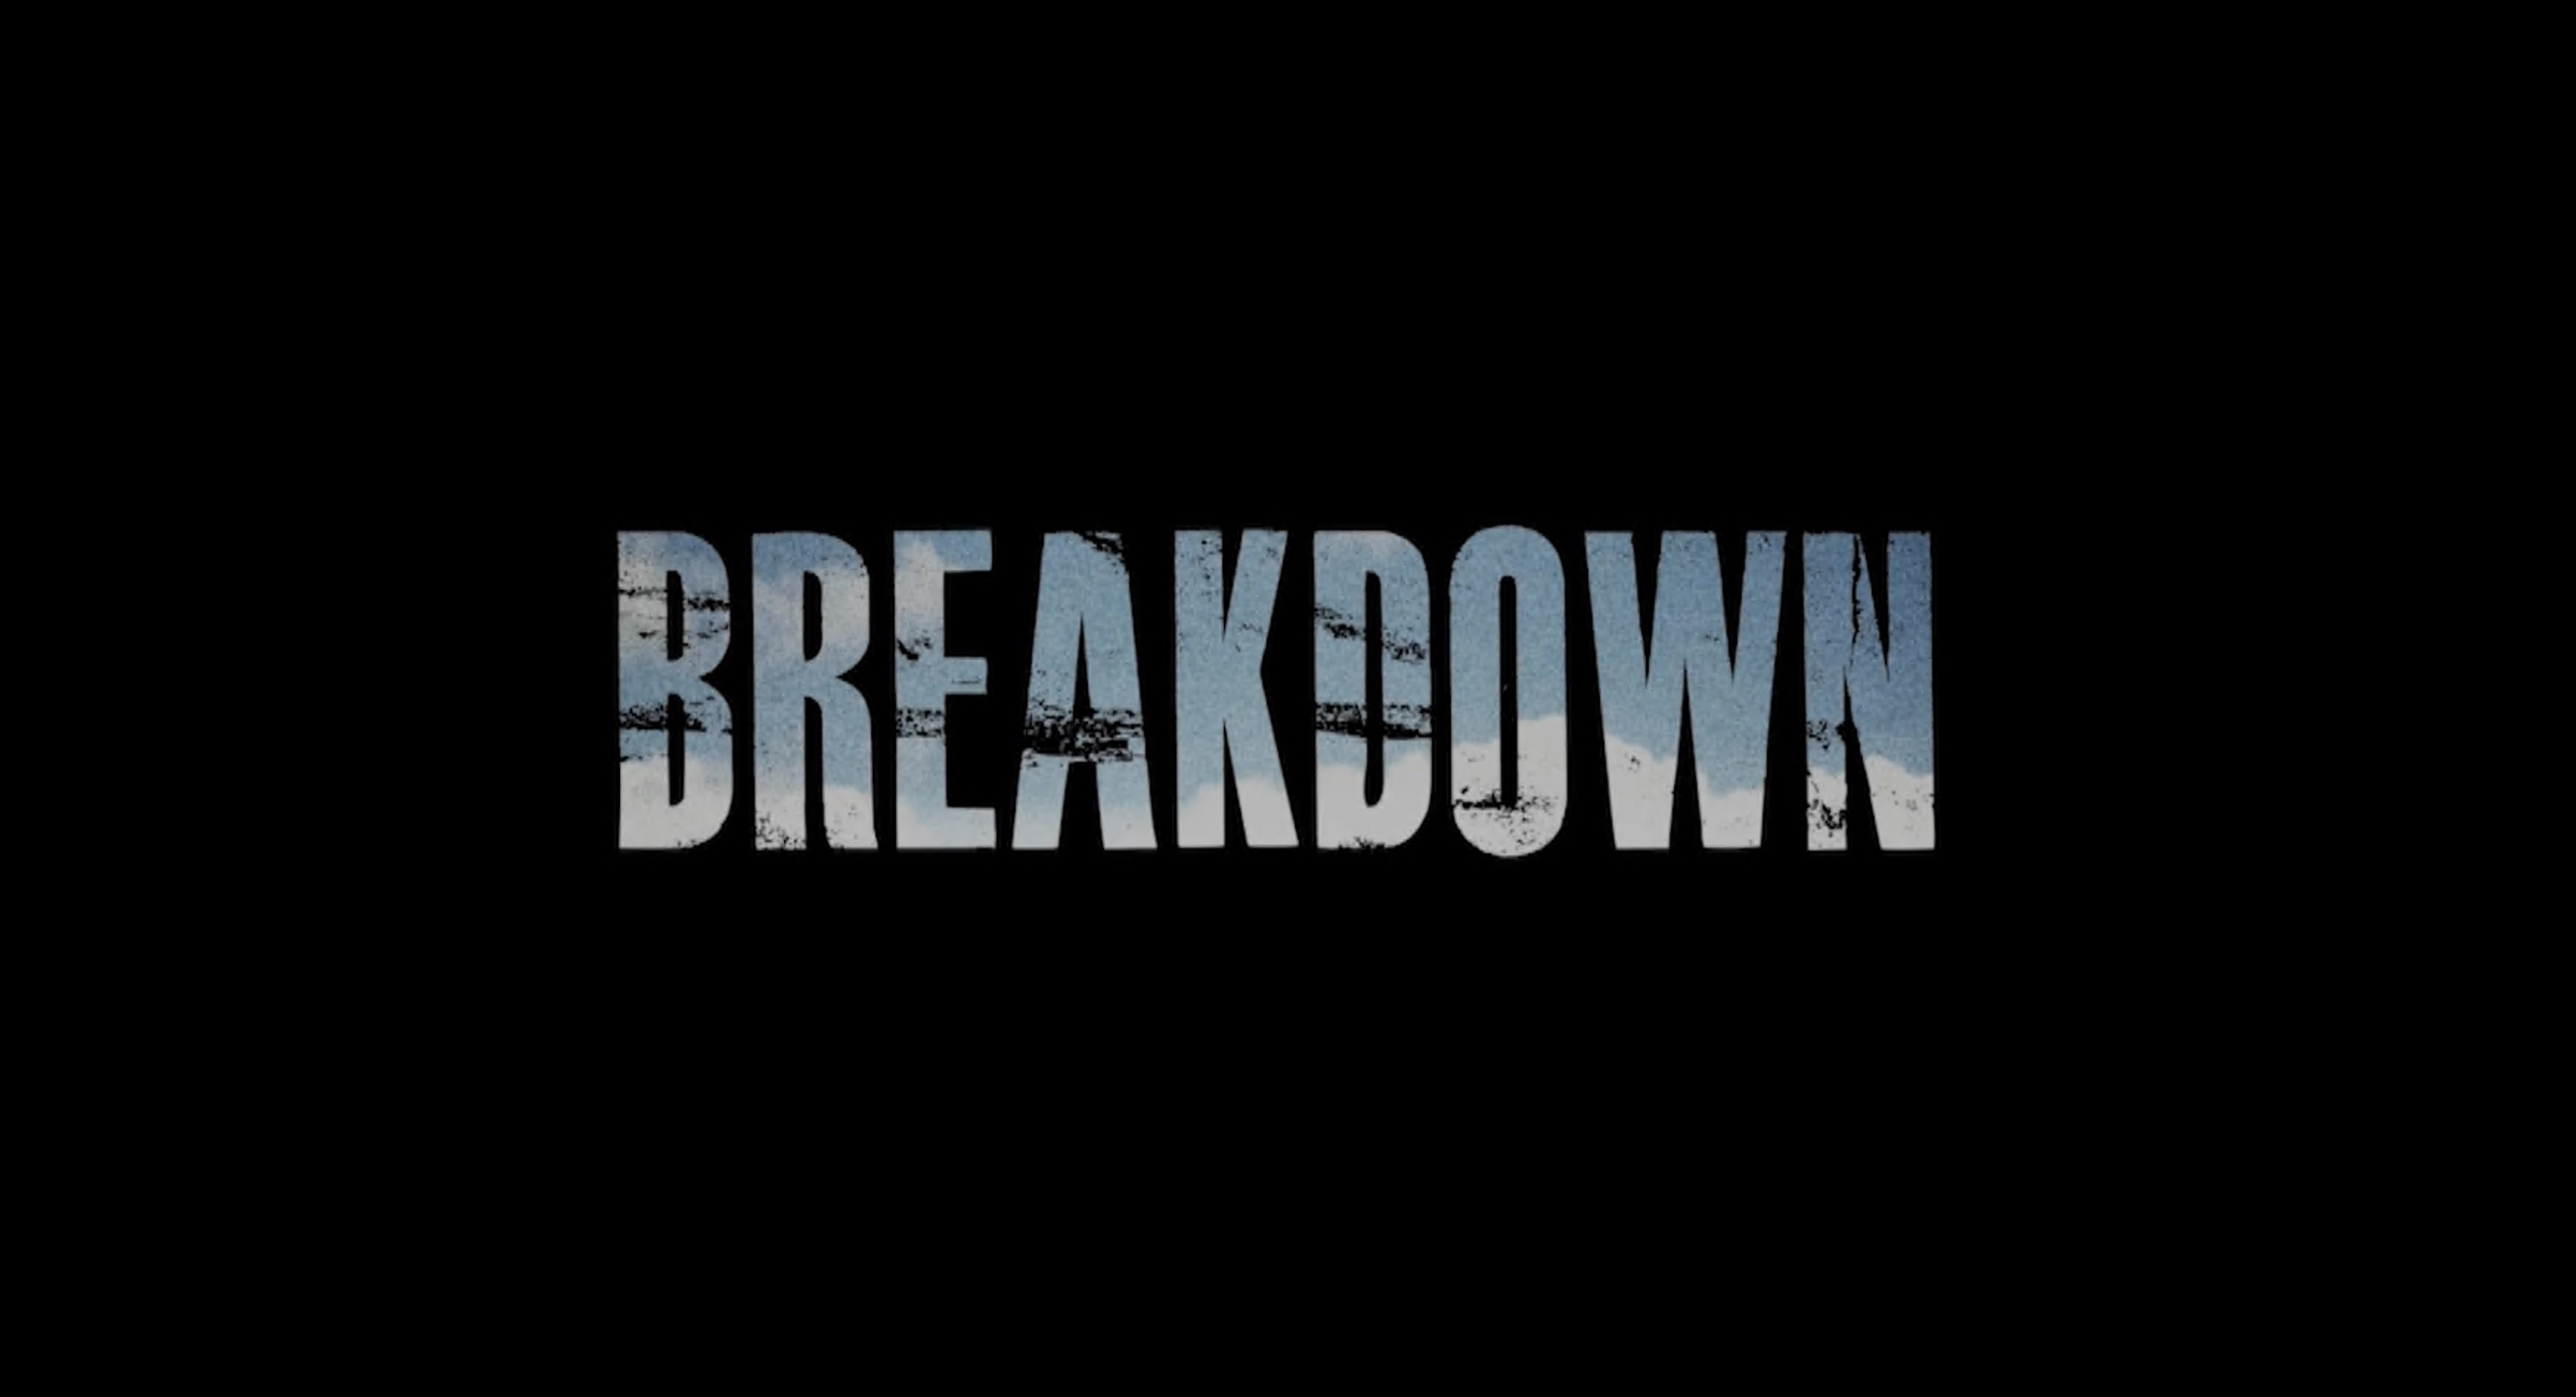 Short Film: Breakdown